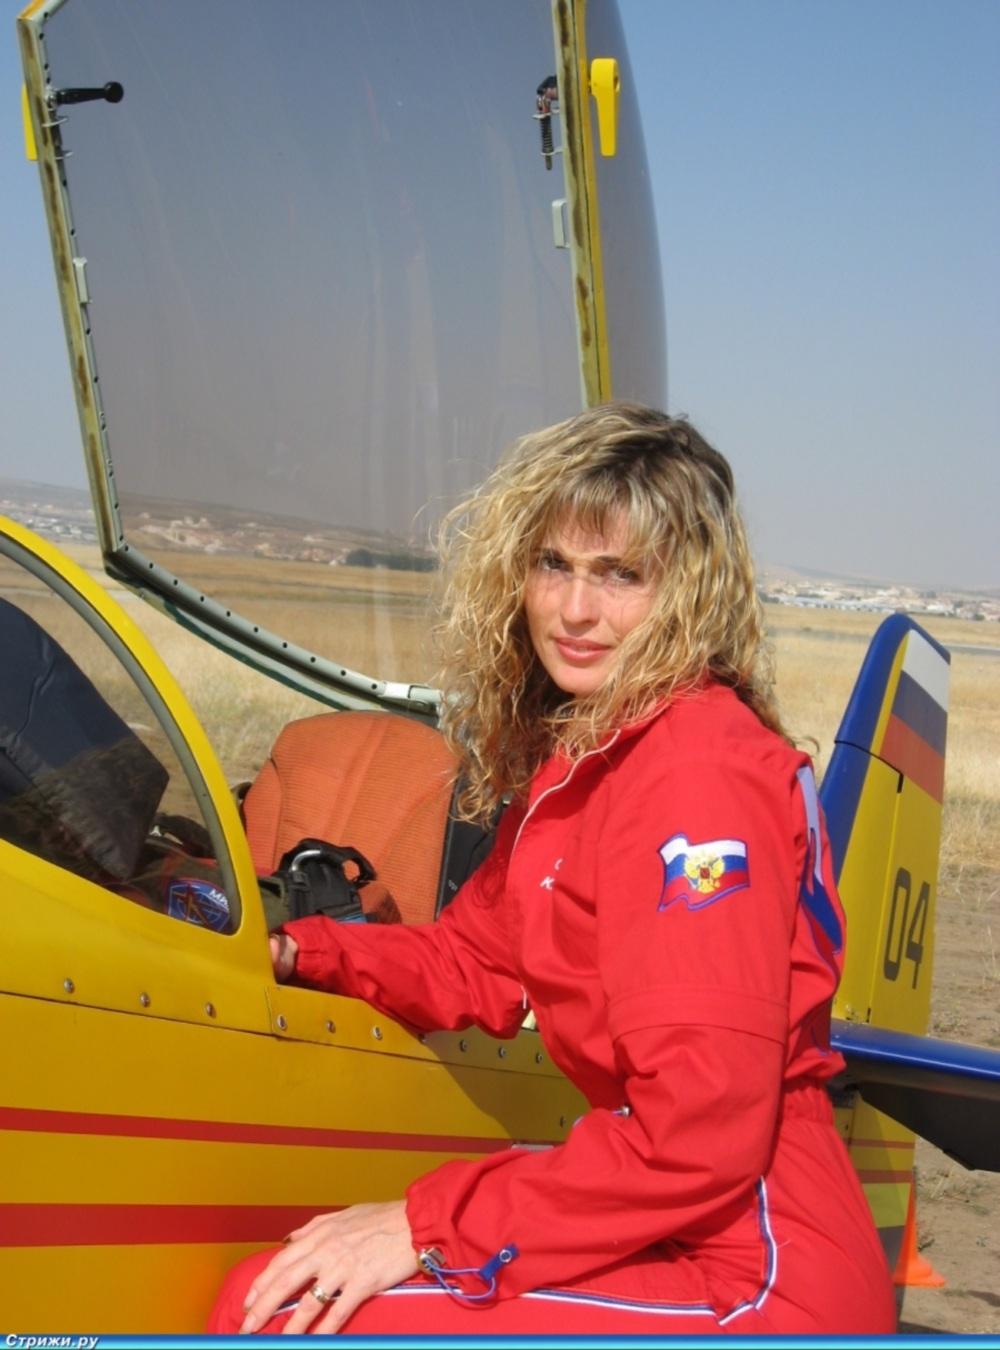 00 Svetlana Kapanina. Russian pilot. 07.03.13